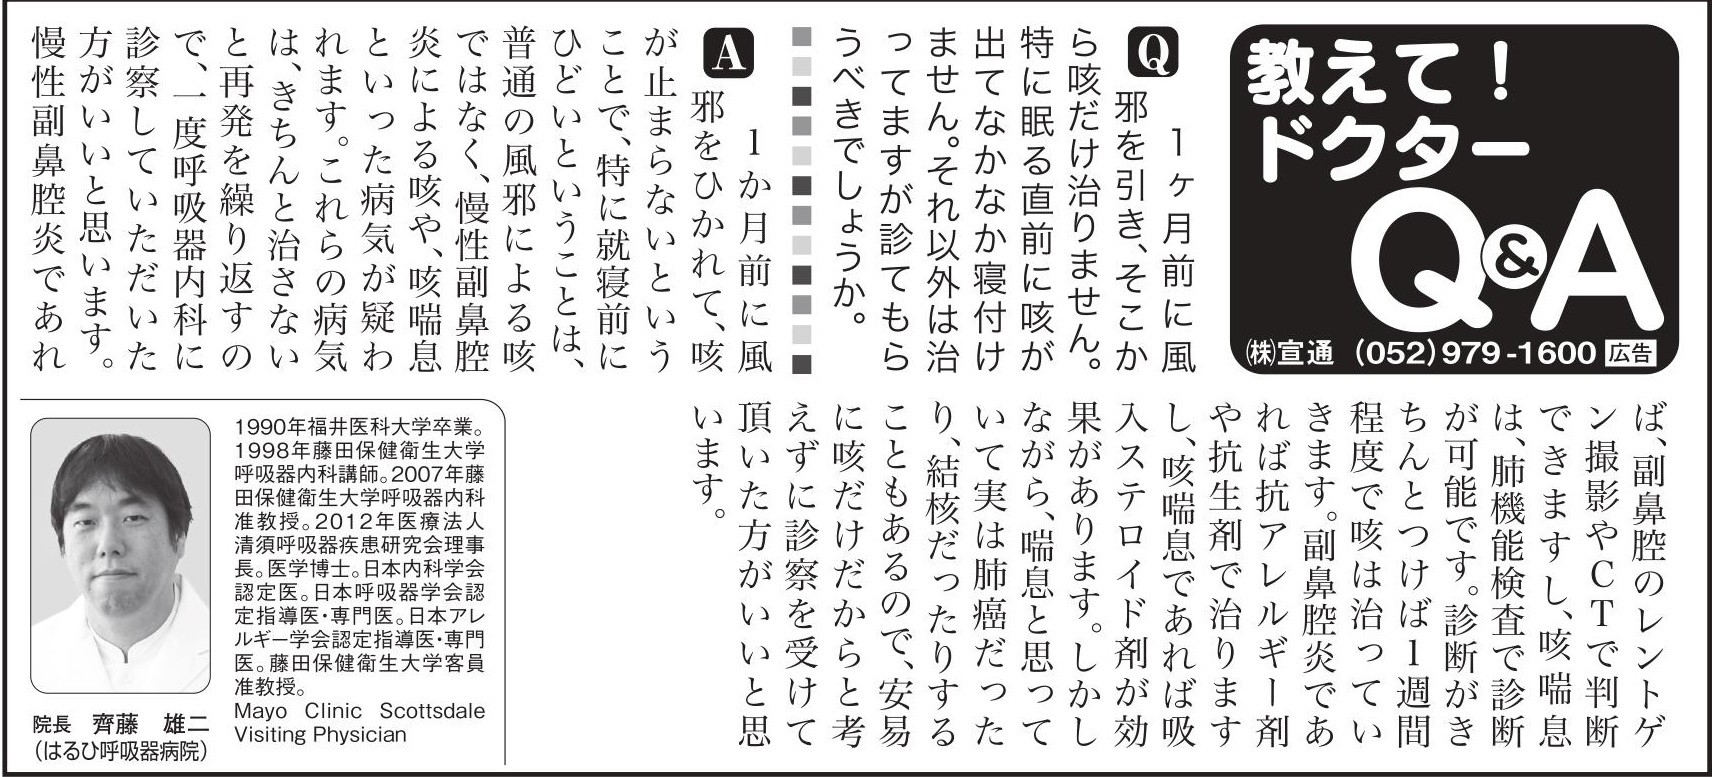 0823尾張A版②DrQ&A半2d